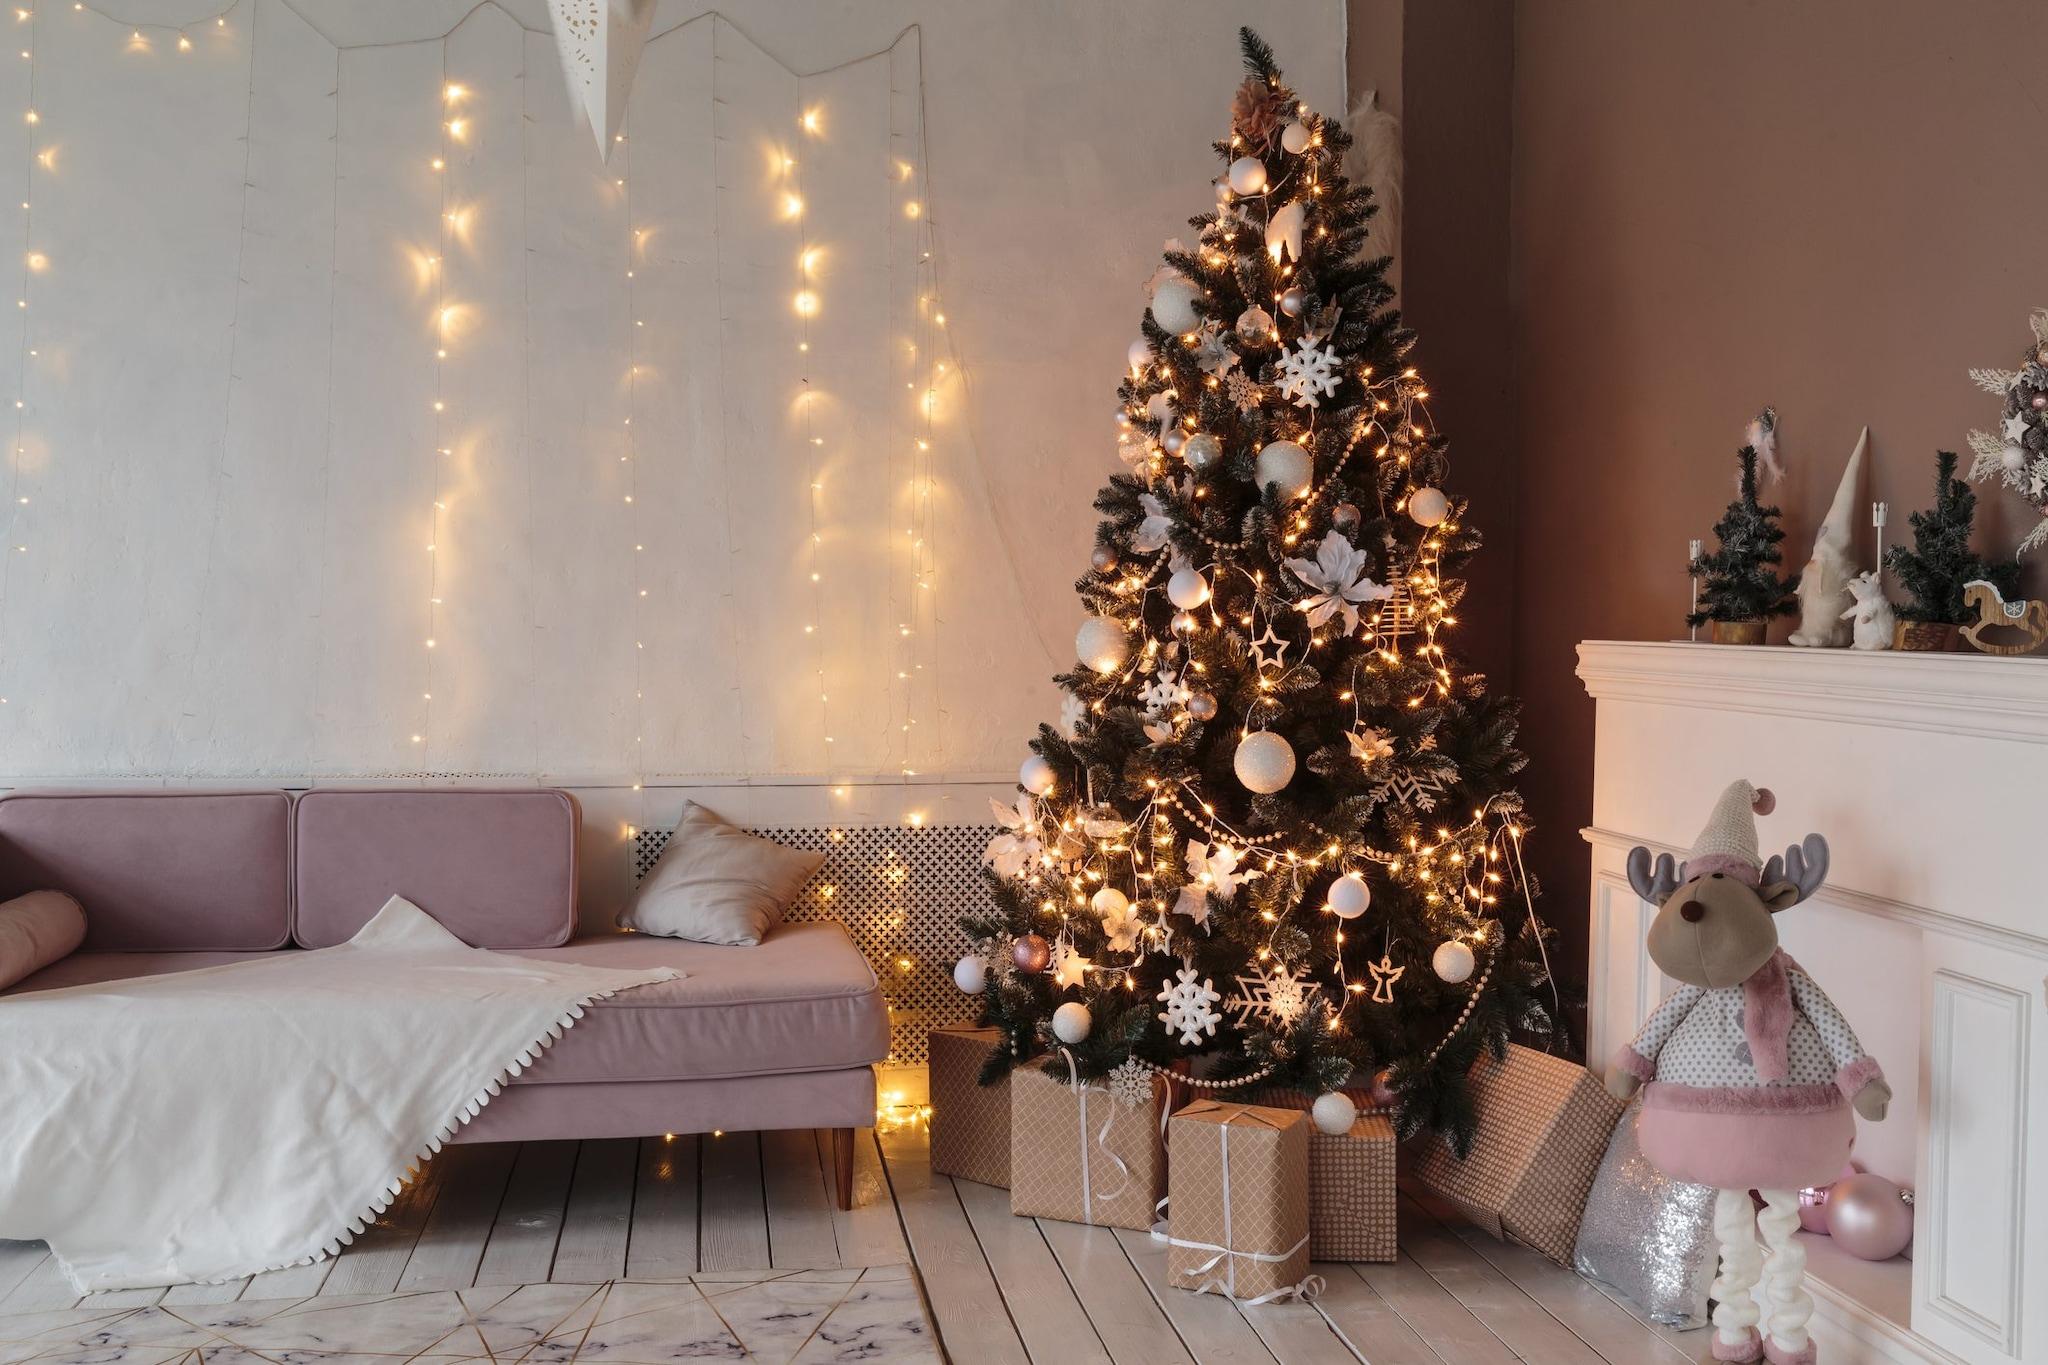 Decorazioni Natalizie A Poco Prezzo.Come Addobbare L Albero Di Natale In 6 Step Dal Montaggio Alle Decorazioni